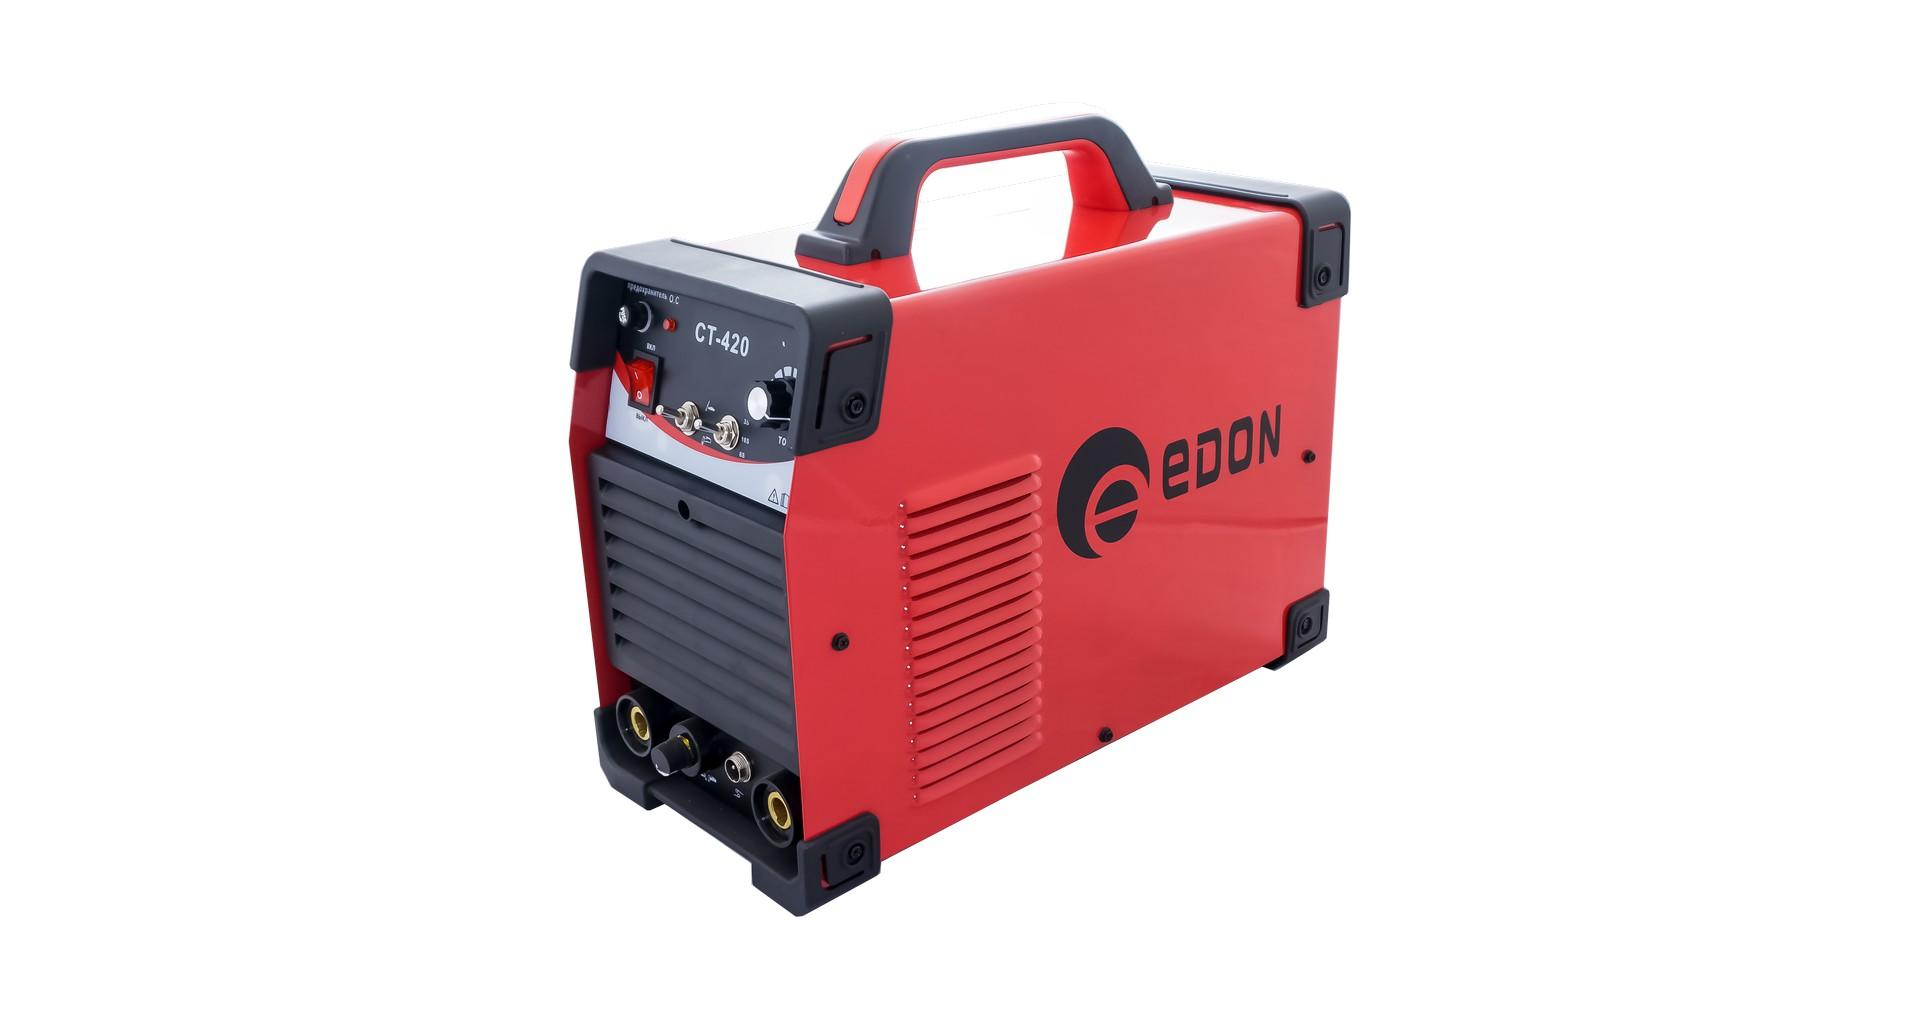 Сварочный инвертор 3-в-1 Edon - CT-420 7